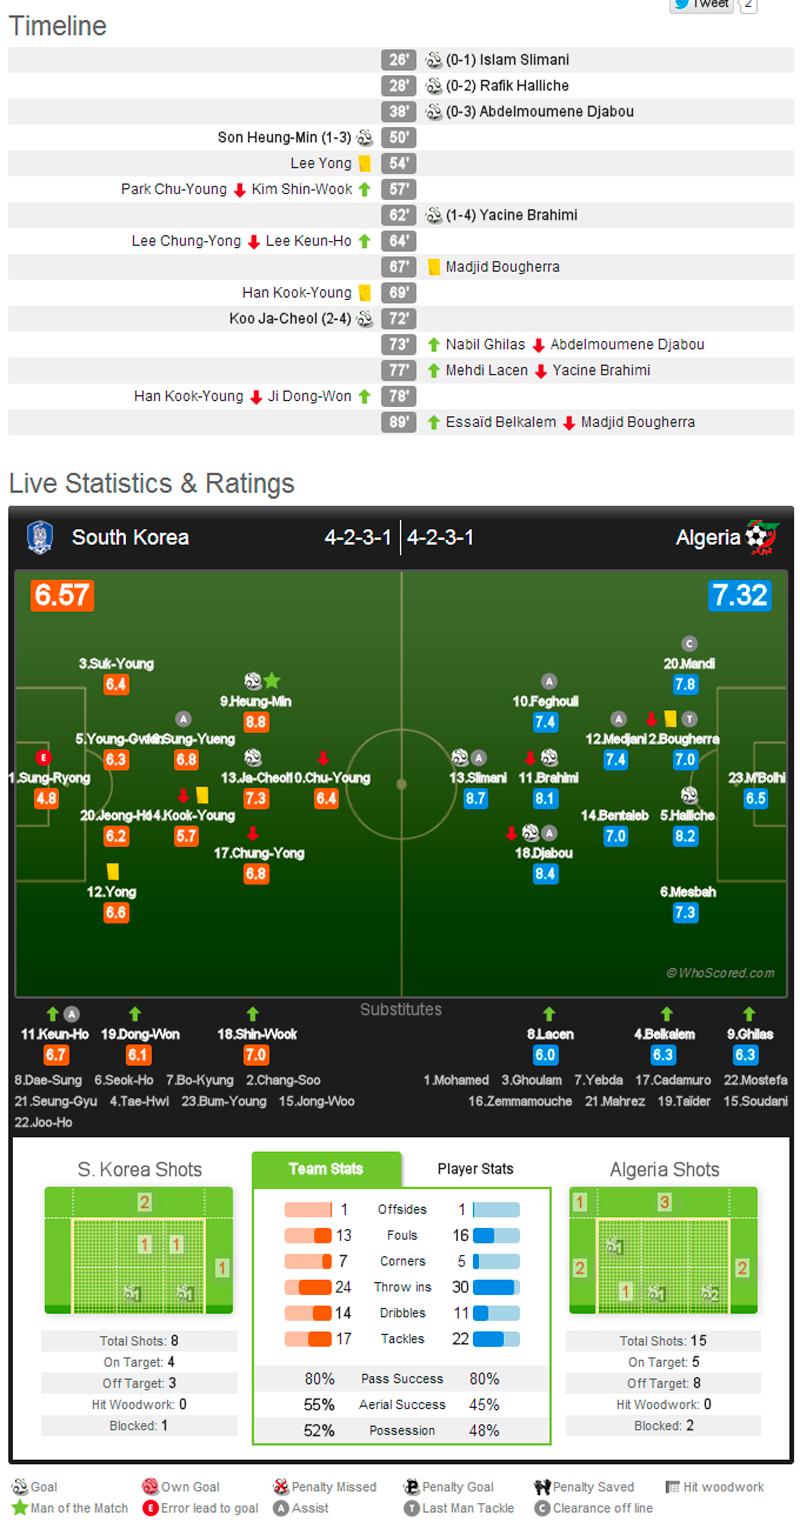 韓国対アルジェリア